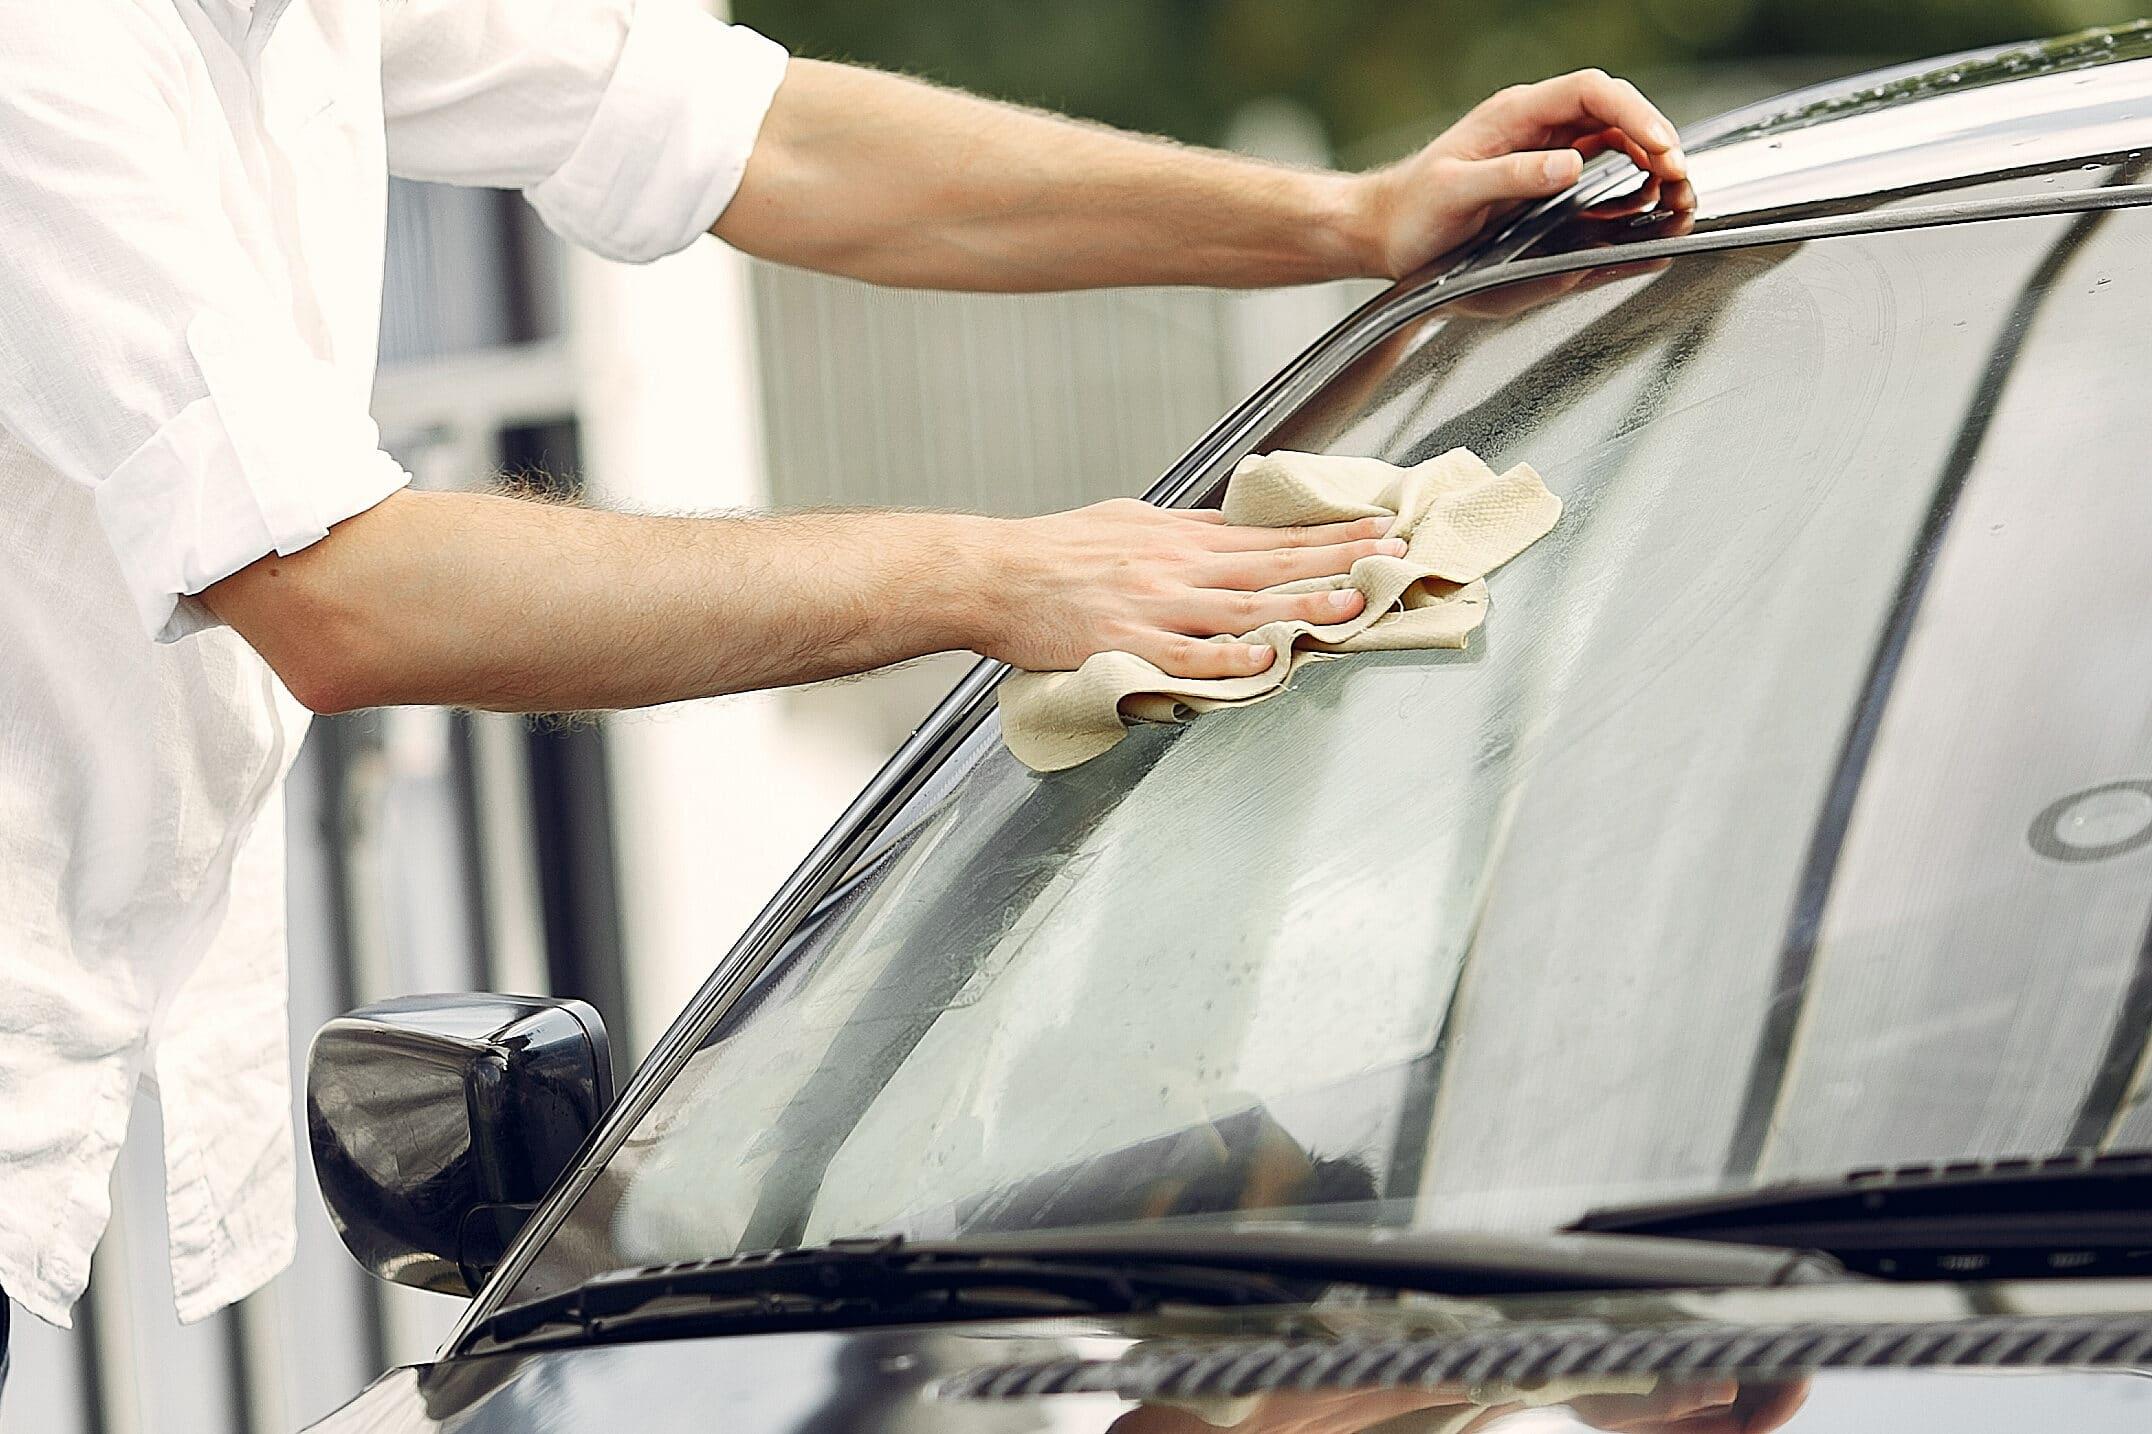 Homem de roupa branca utilizando um pano bege para a fazer a limpeza do vidro de um carro marrom que está ao seu lado. Imagem ilustrativa para o texto Polimento automotivo em aracaju.